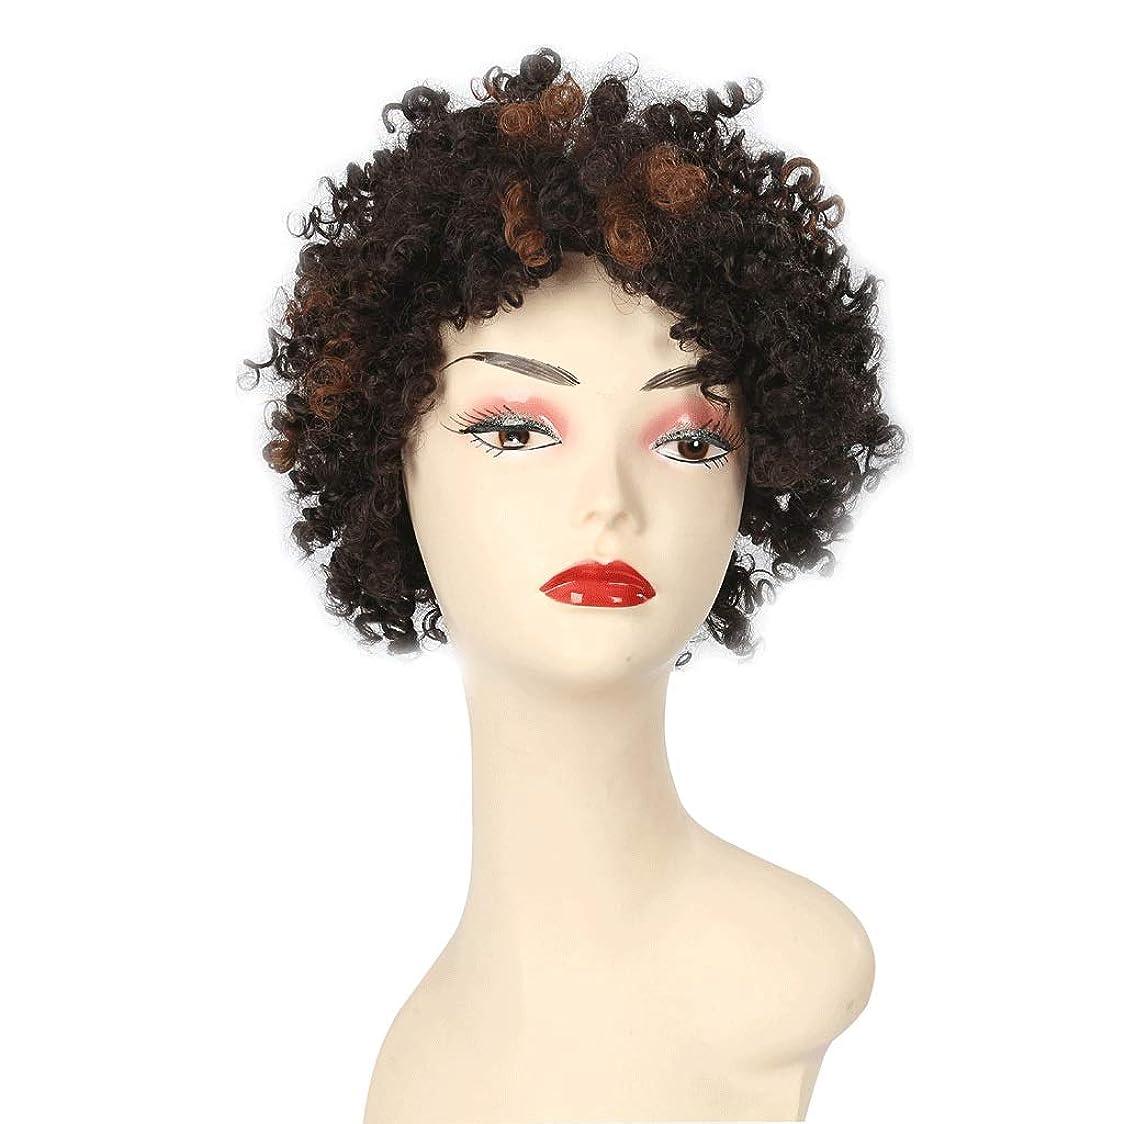 百等香水黒人女性のためのアフロの短い巻き毛のかつら、女性のための自然な一見ファンシードレス&コスプレパーティー (色 : B)